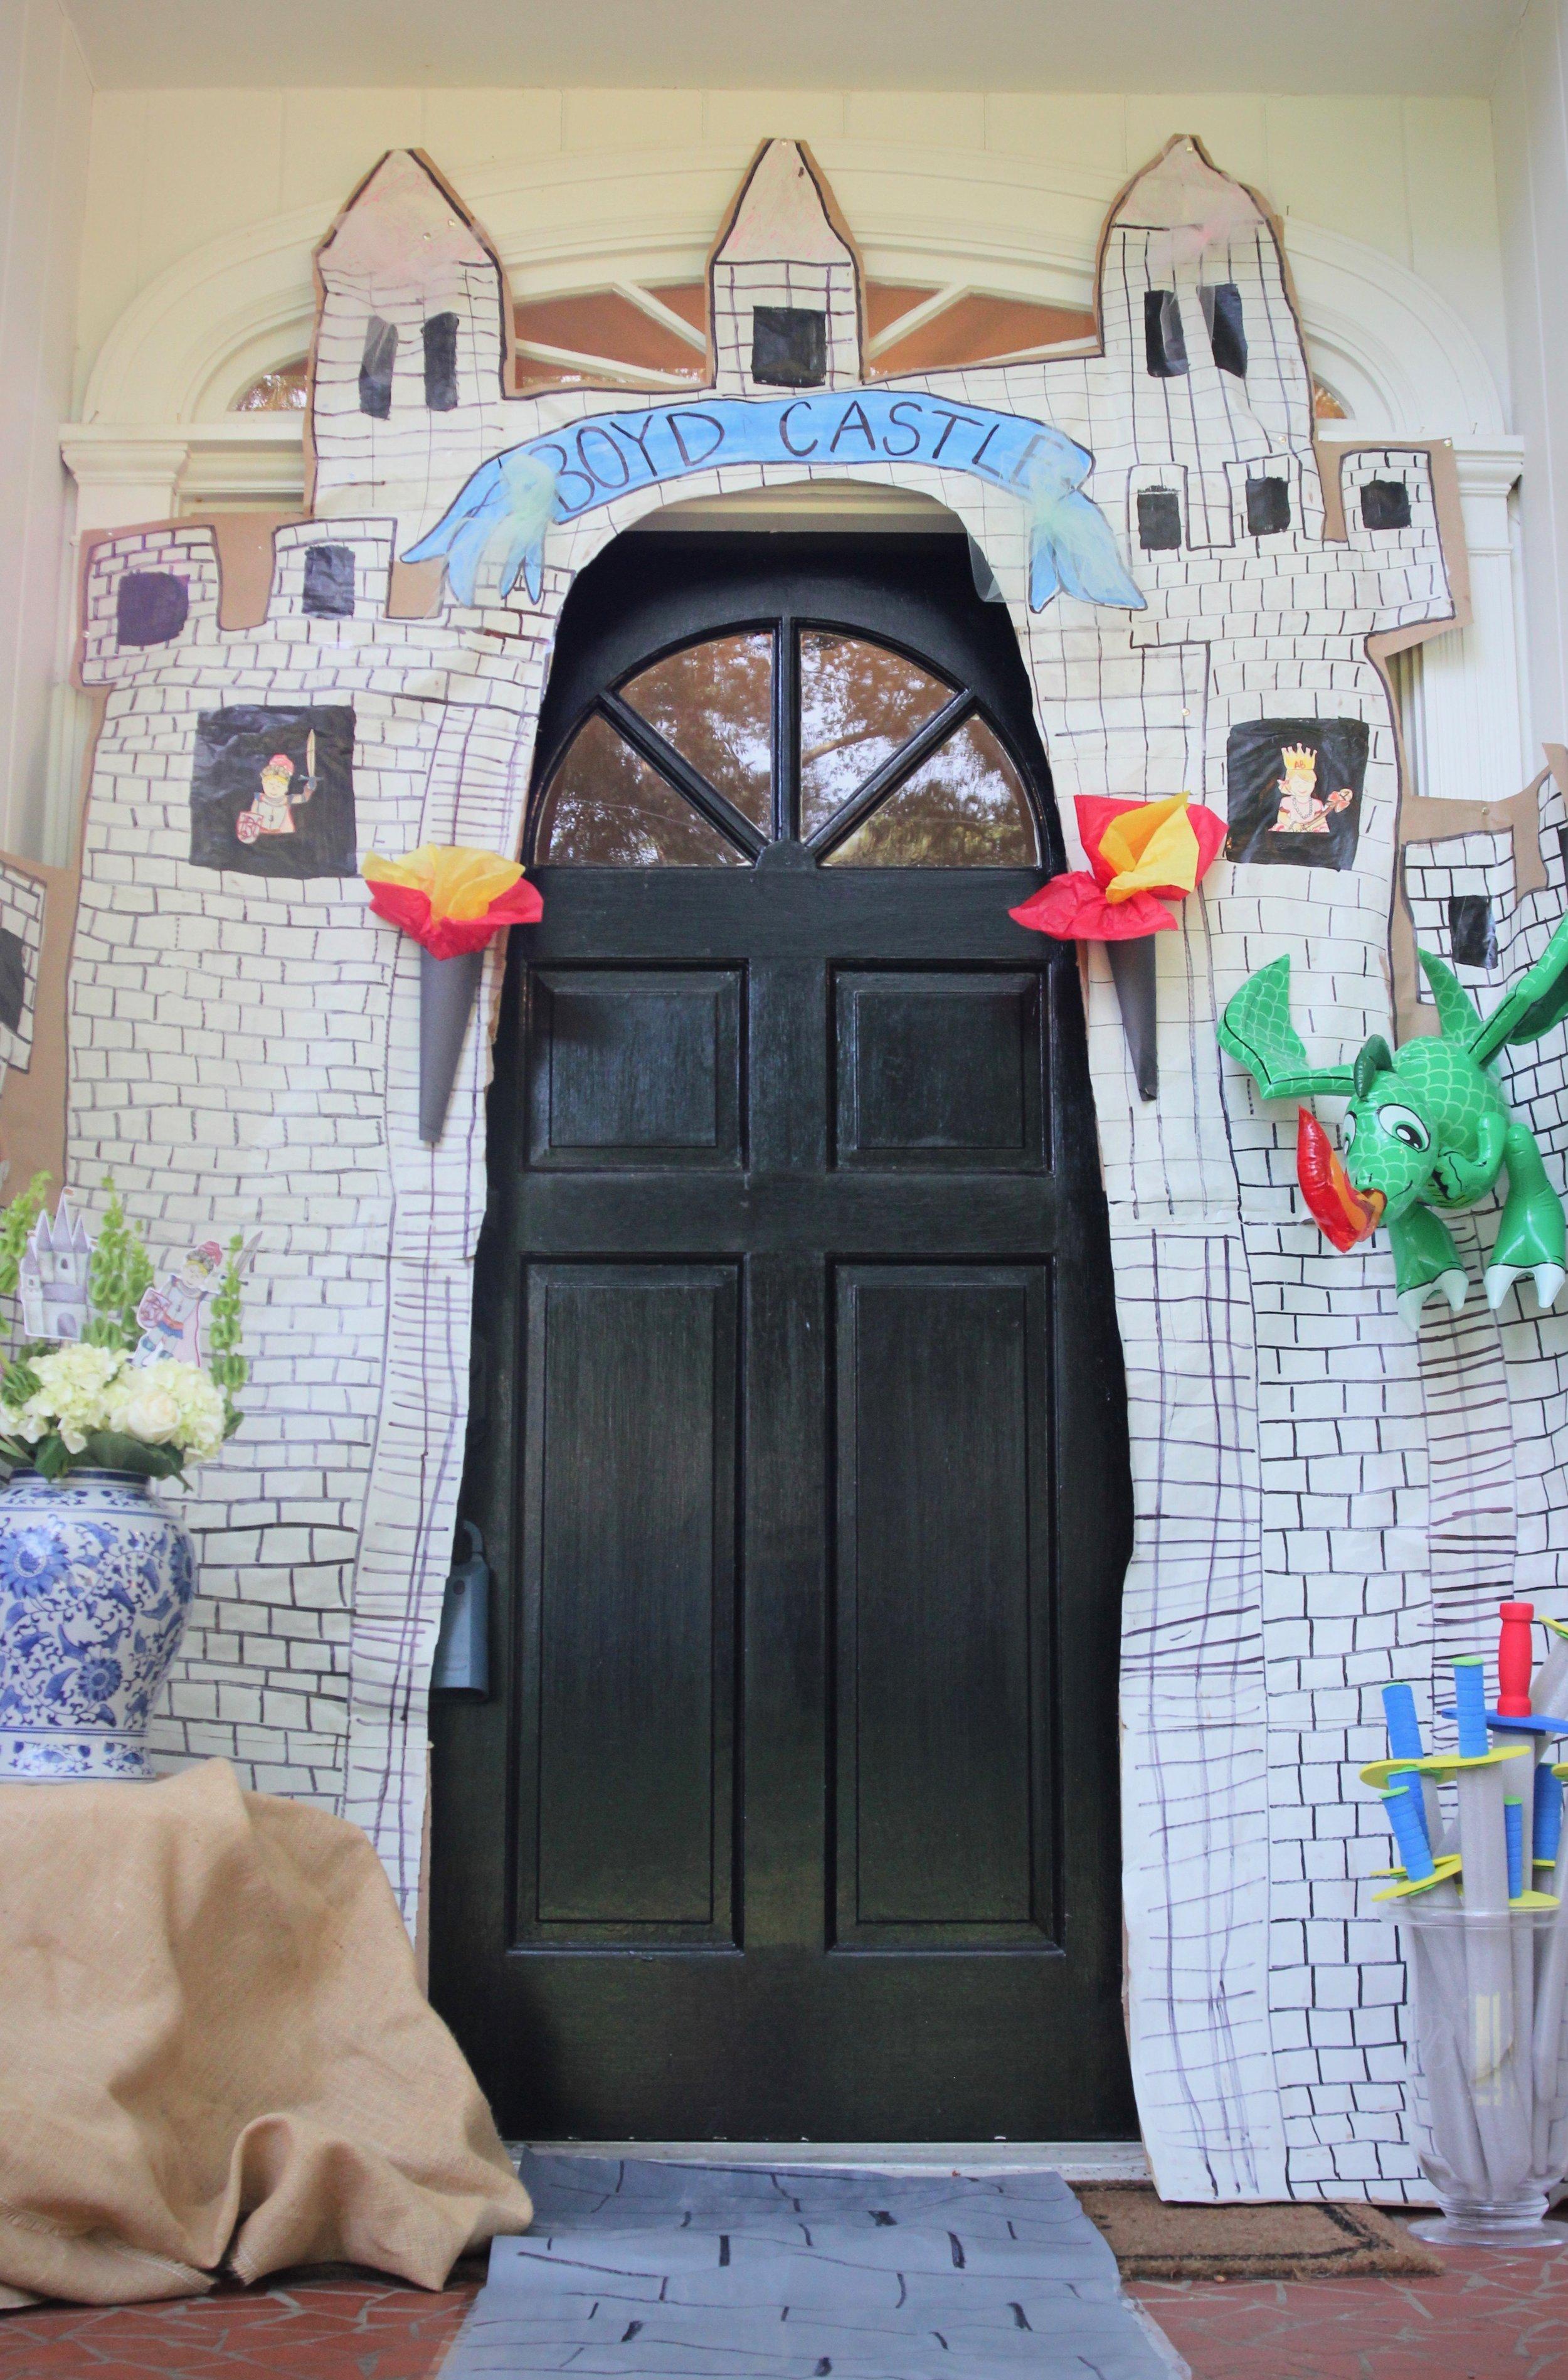 bday boyd castle 1.jpg